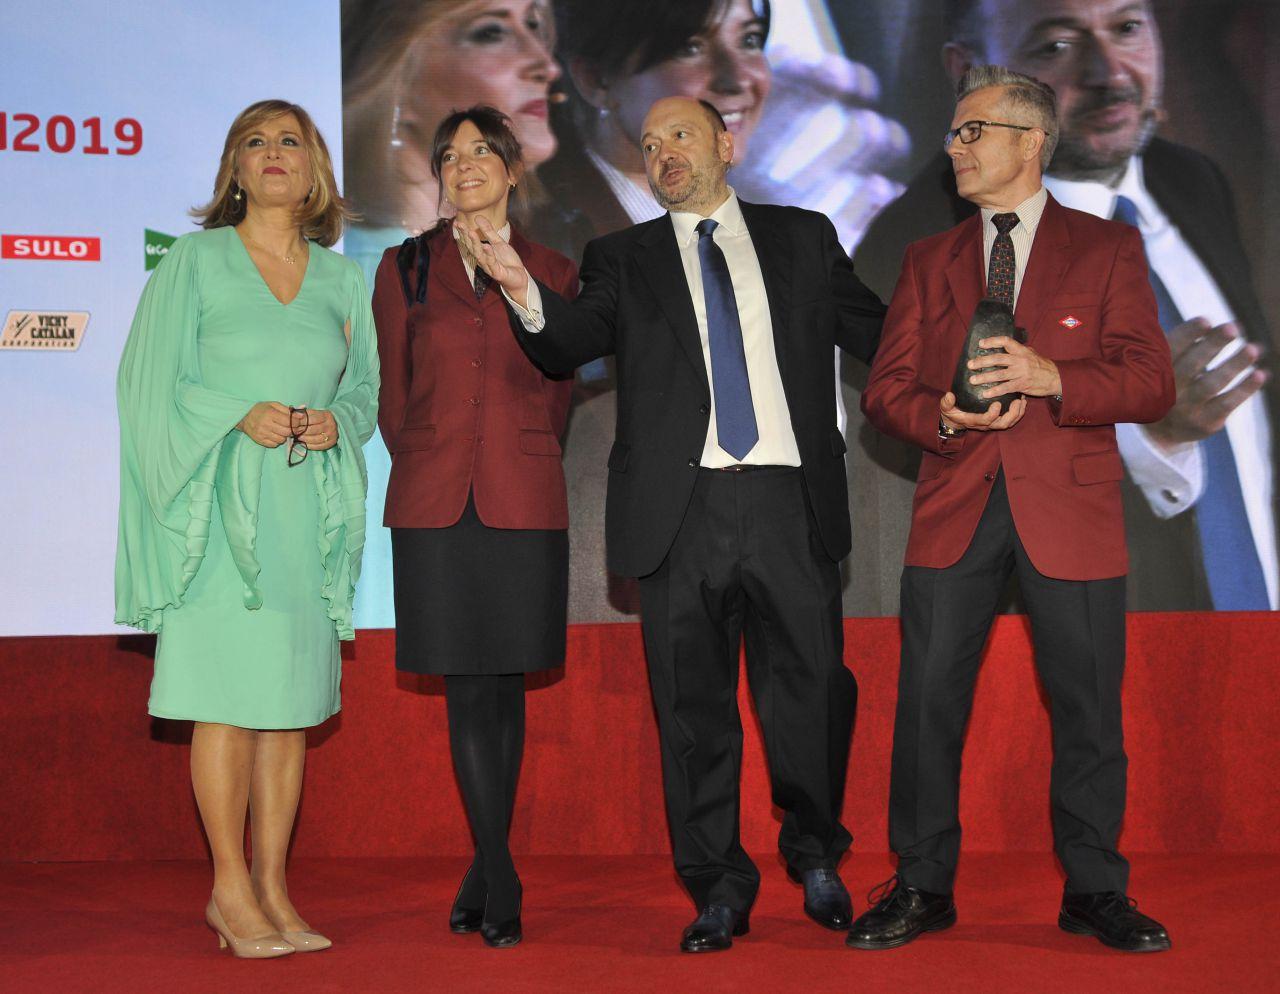 La mejor Iniciativa a la Movilidad recayó en Metro. Beatriz Cid, jefa de Servicio, y Emilio Felipo, supervisor comercial de la división de operación, recogieron el premio.